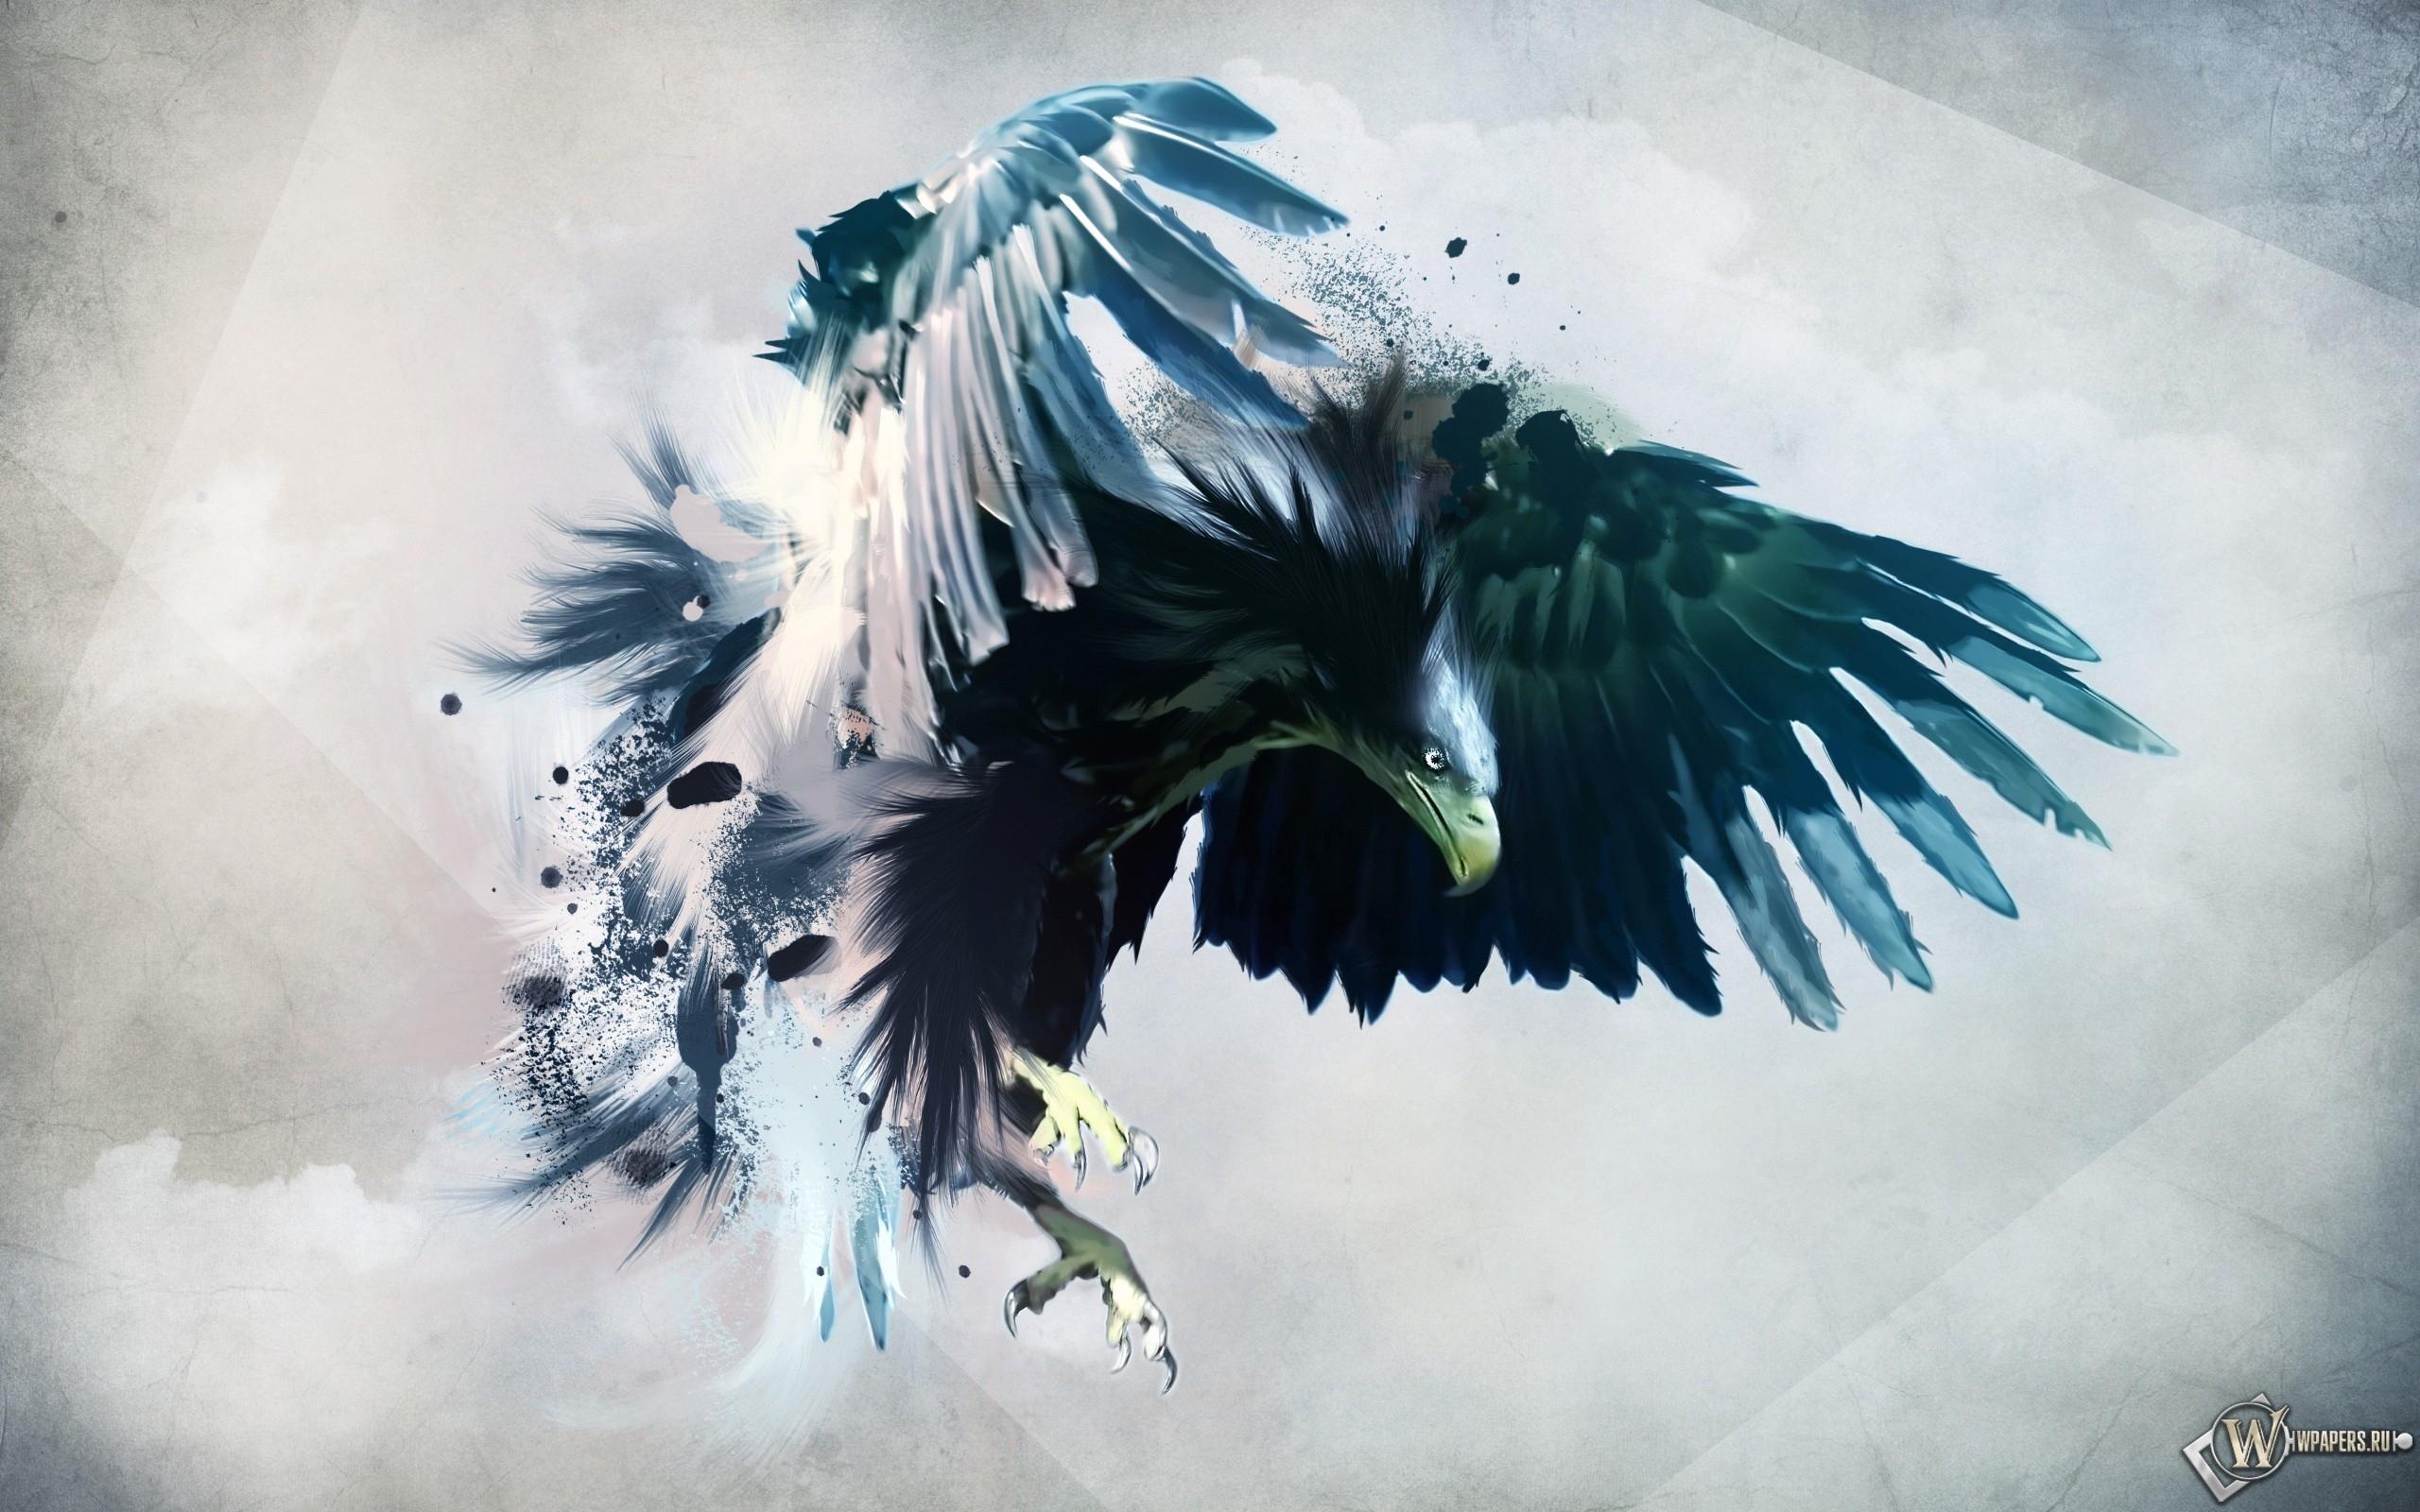 Artistic eagle 2560x1600